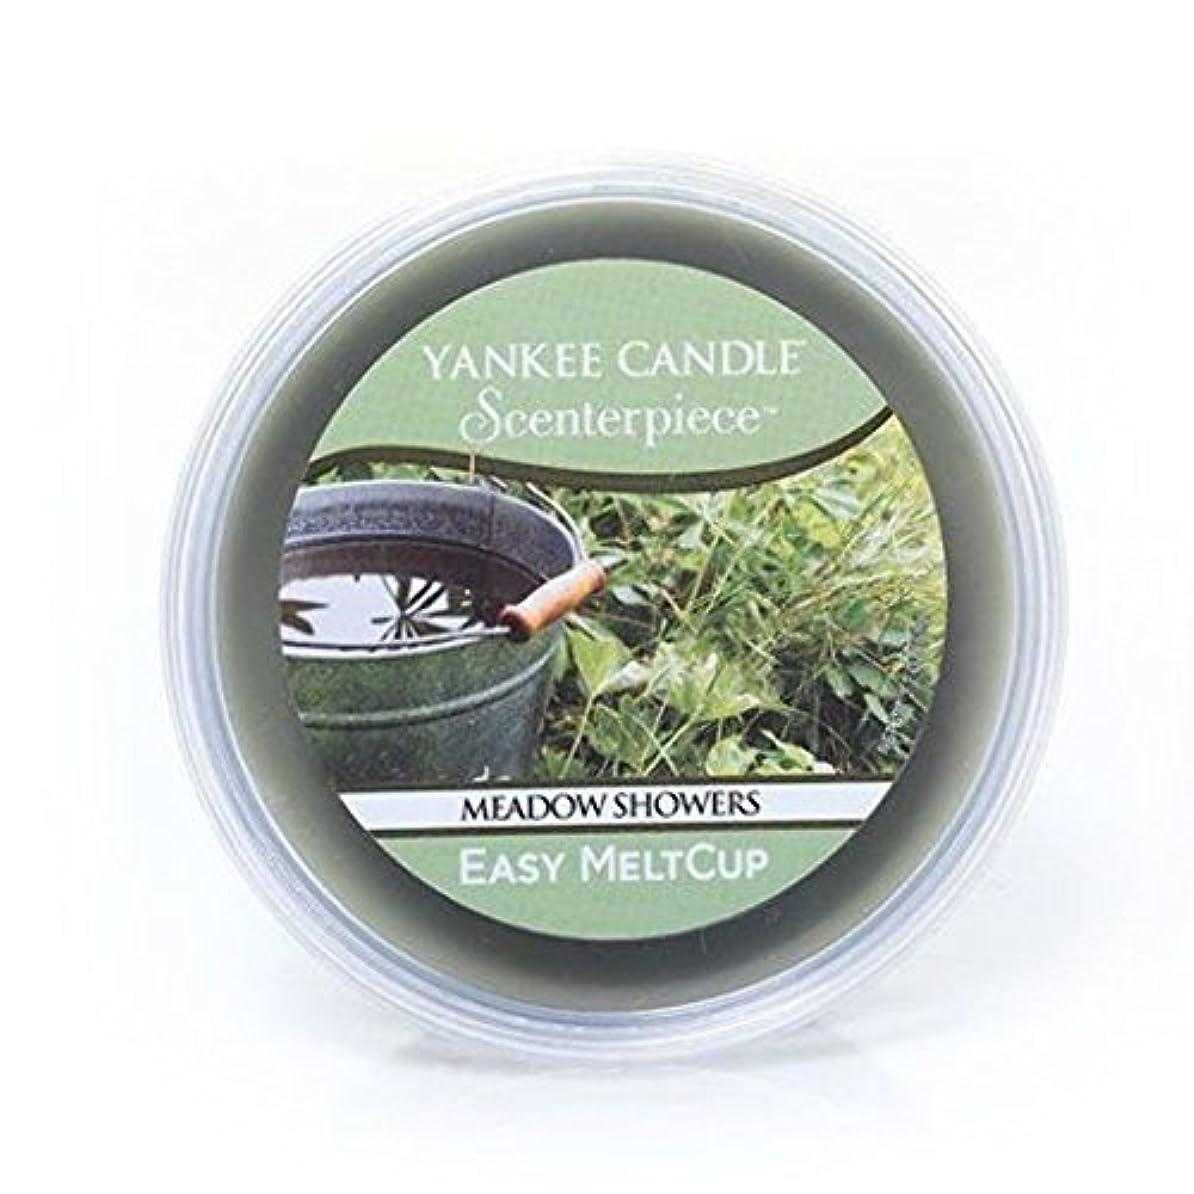 悲劇的な葉を拾う仲間、同僚Yankee Candle Meadow Showers Scenterpiece Easy MeltCup、新鮮な香り